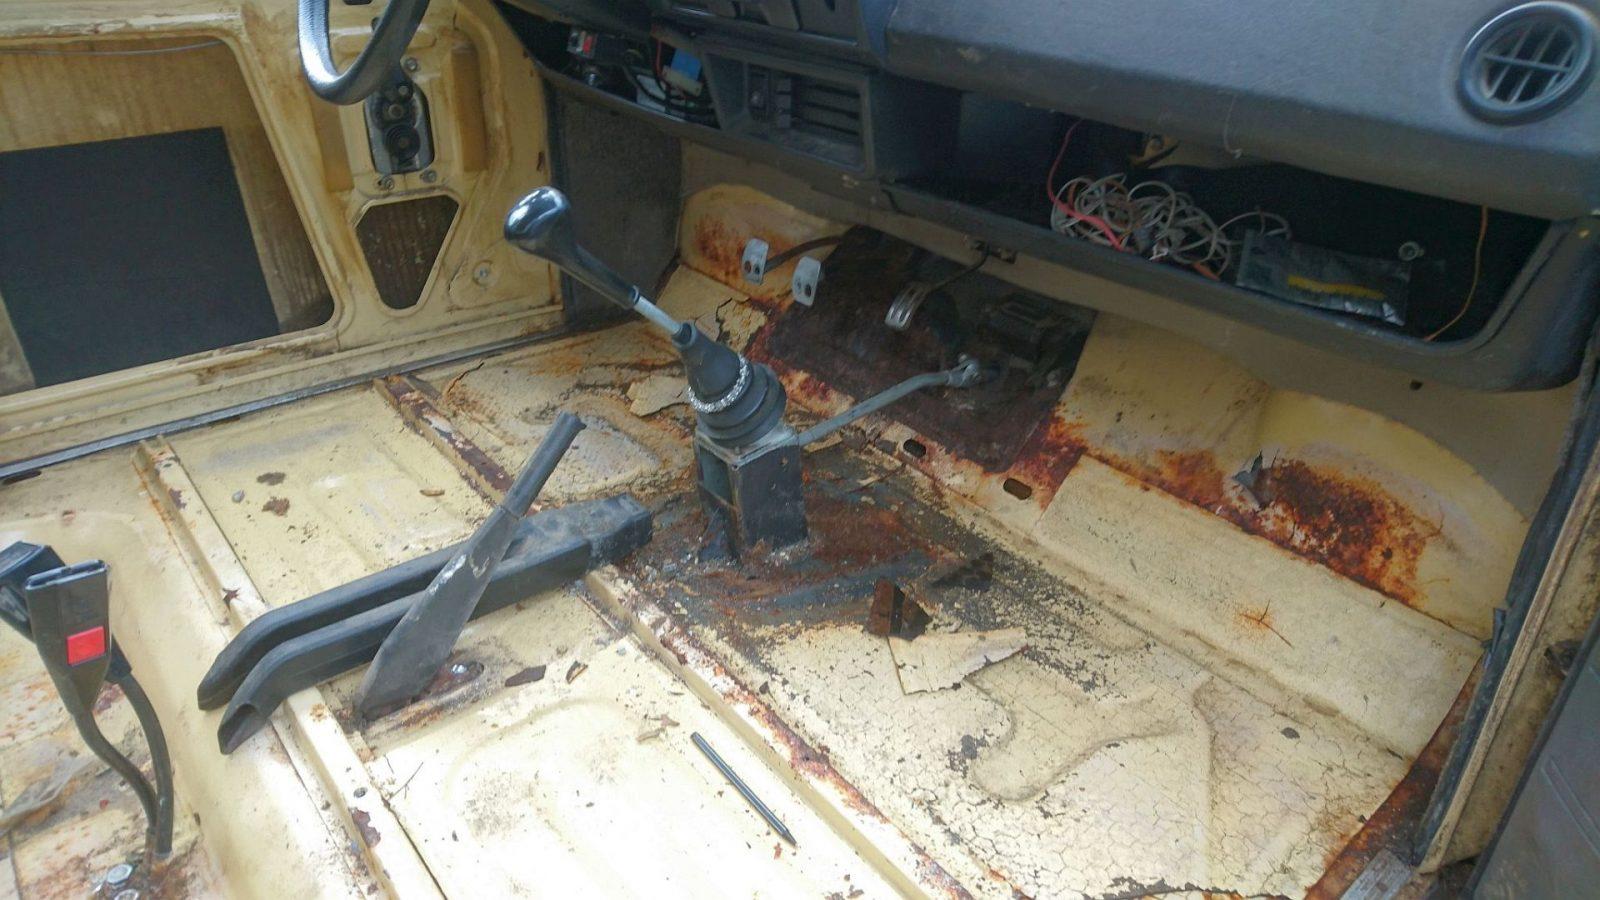 Nachdem mir aufgefallen war, dass die Filzdämmmatten unter dem Teppich etwas feucht waren, entschied ich mich, alles schleunigst aus dem Innenraum zu entfernen. Zum Vorschein kamen einige Roststellen, aber keine wirklichen Durchrostungen. Mal sehen wie das nach dem Sandstrahlen aussehen wird. Besonders interessant ist die notdürftige Reparatur des Schalthebelsockels. Dieser ist wohl im Laufe der Zeit aus Halterung herausgerissen und abgebrochen. Repariert hat man das, indem ein neues Blech eingesetzt und der Sockel an dieses Blech angeschweißt wurde. Insofern ist dieser nicht mehr mit dem Chassis darunter verschraubt und nicht besonders stabil.